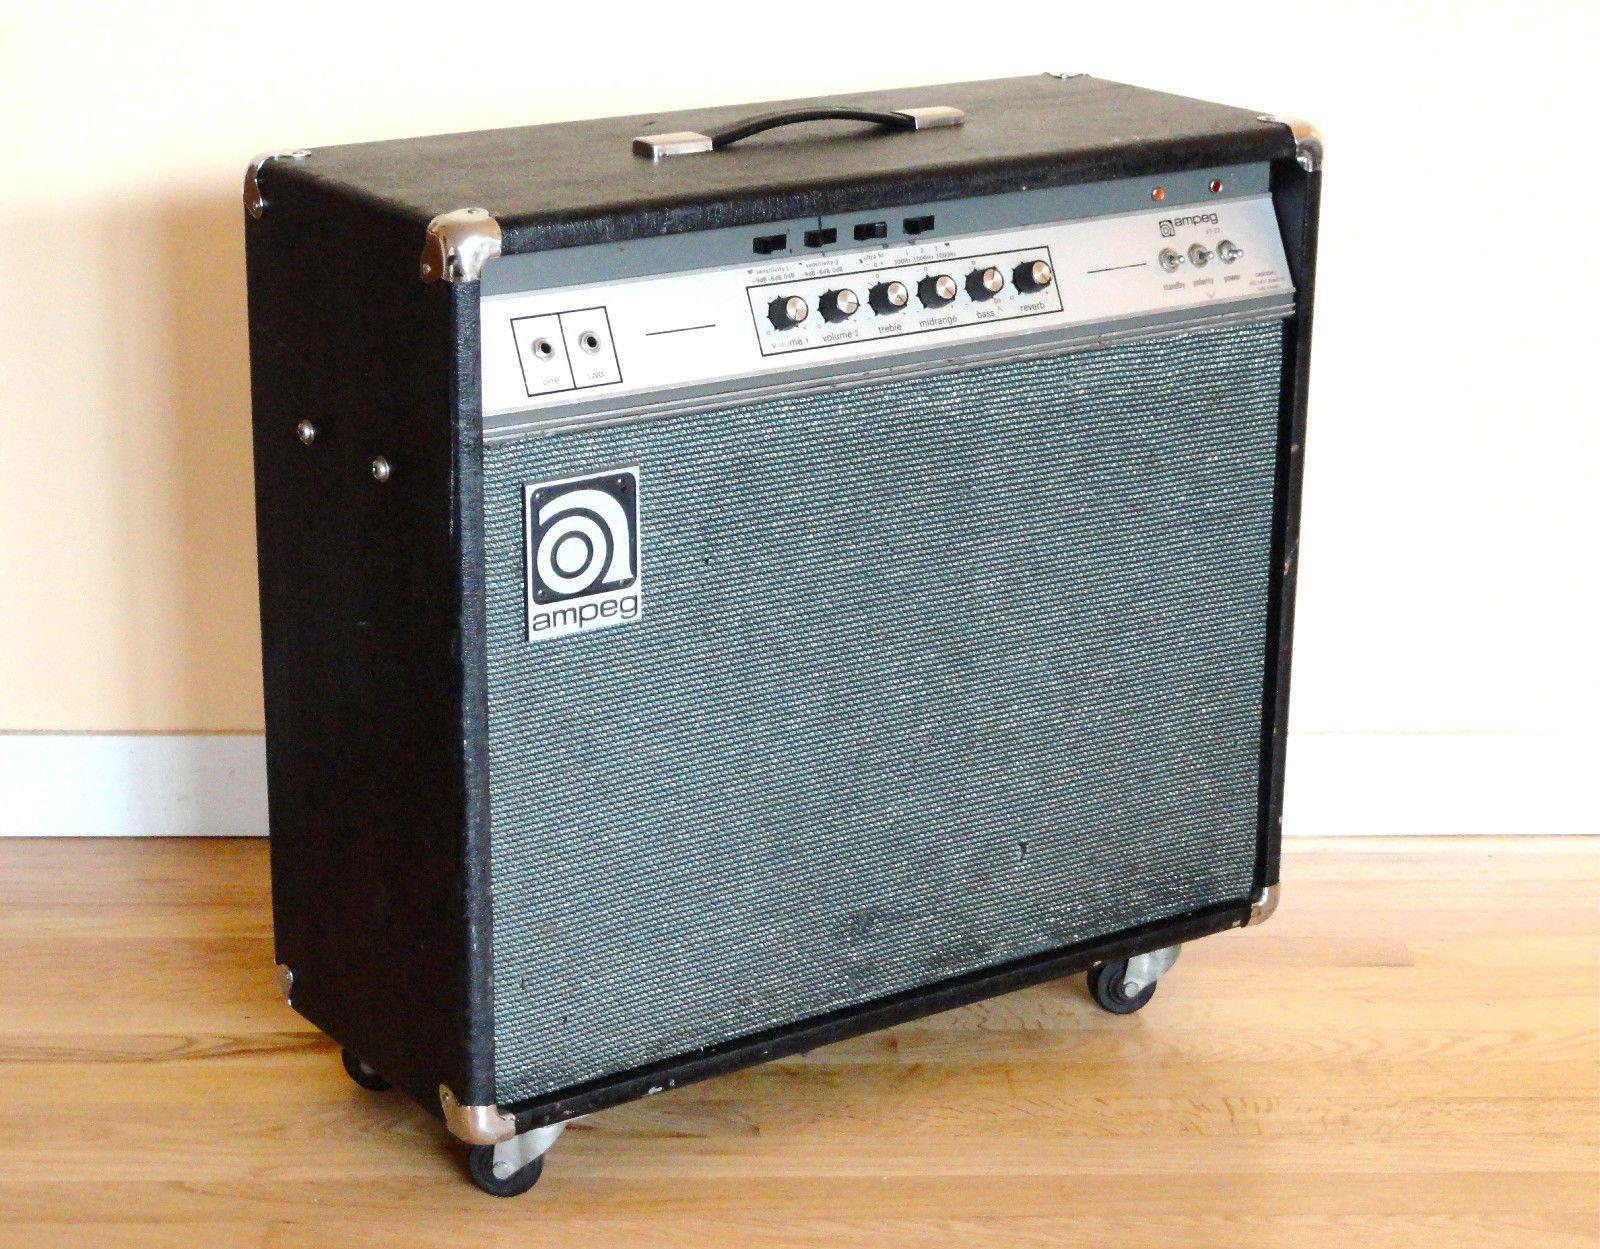 1973 ampeg vt22 2x10 100w music gear guitar amp pedalboard vintage guitars. Black Bedroom Furniture Sets. Home Design Ideas